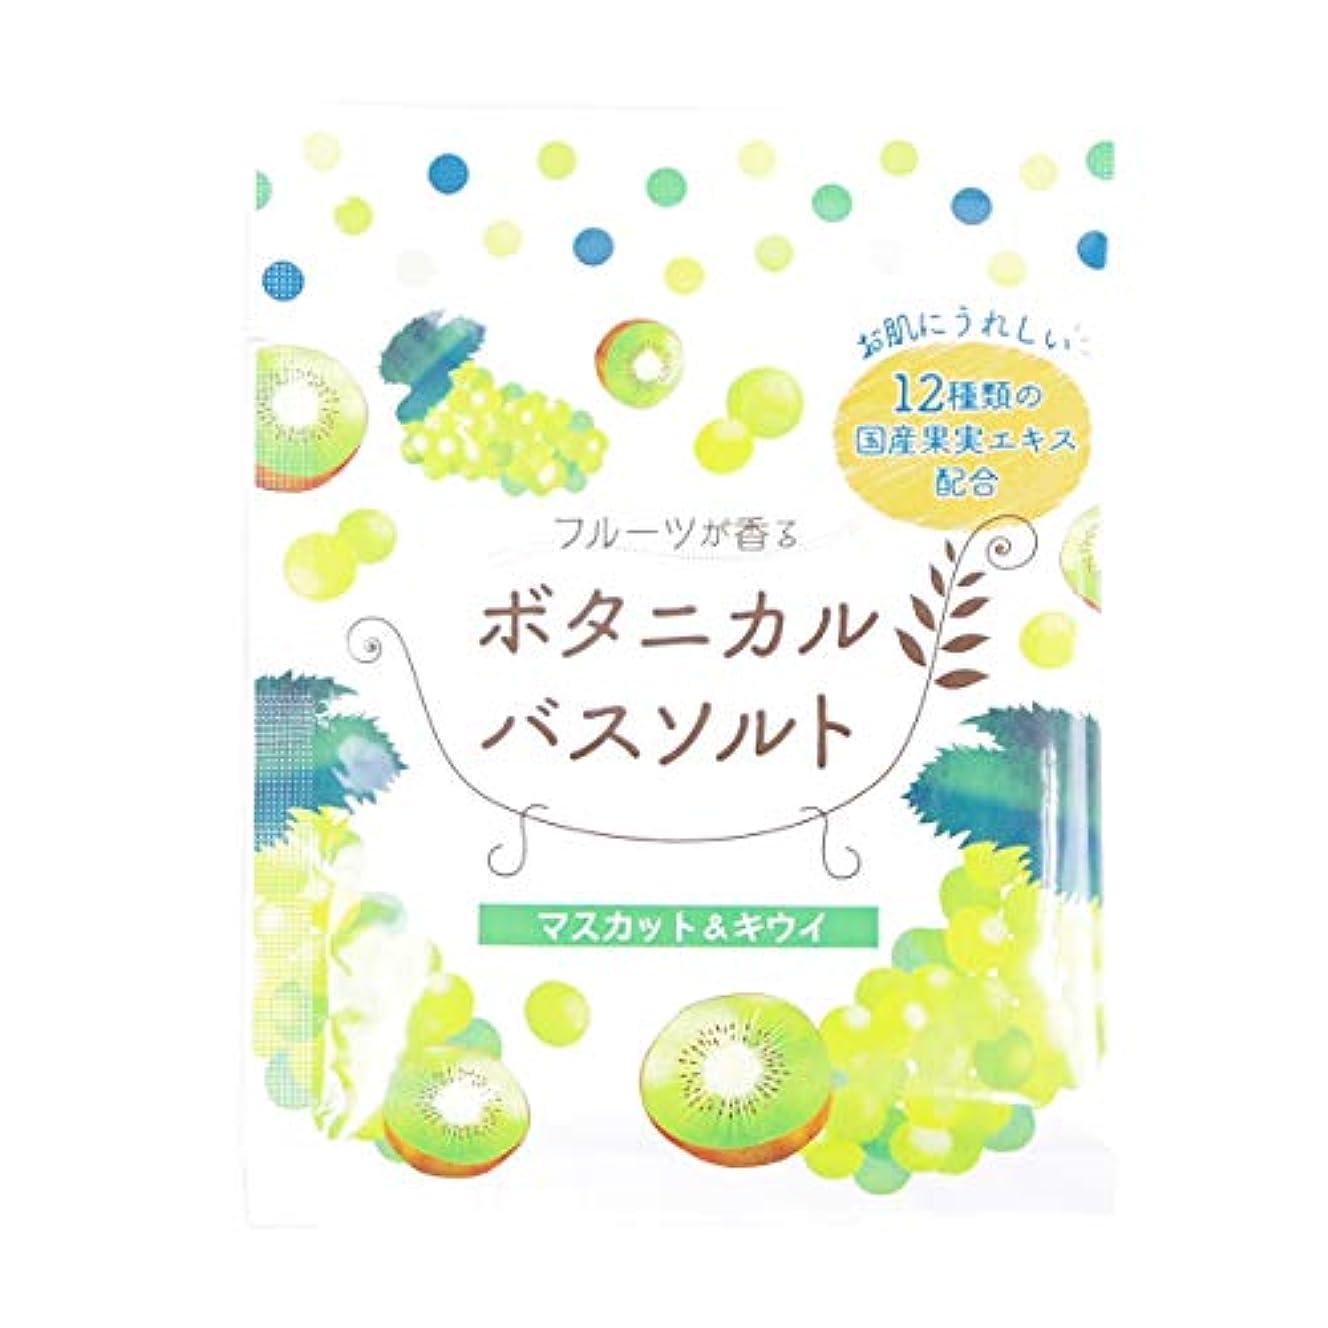 相関するローブペンス松田医薬品 フルーツが香るボタニカルバスソルト マスカット&キウイ 30g